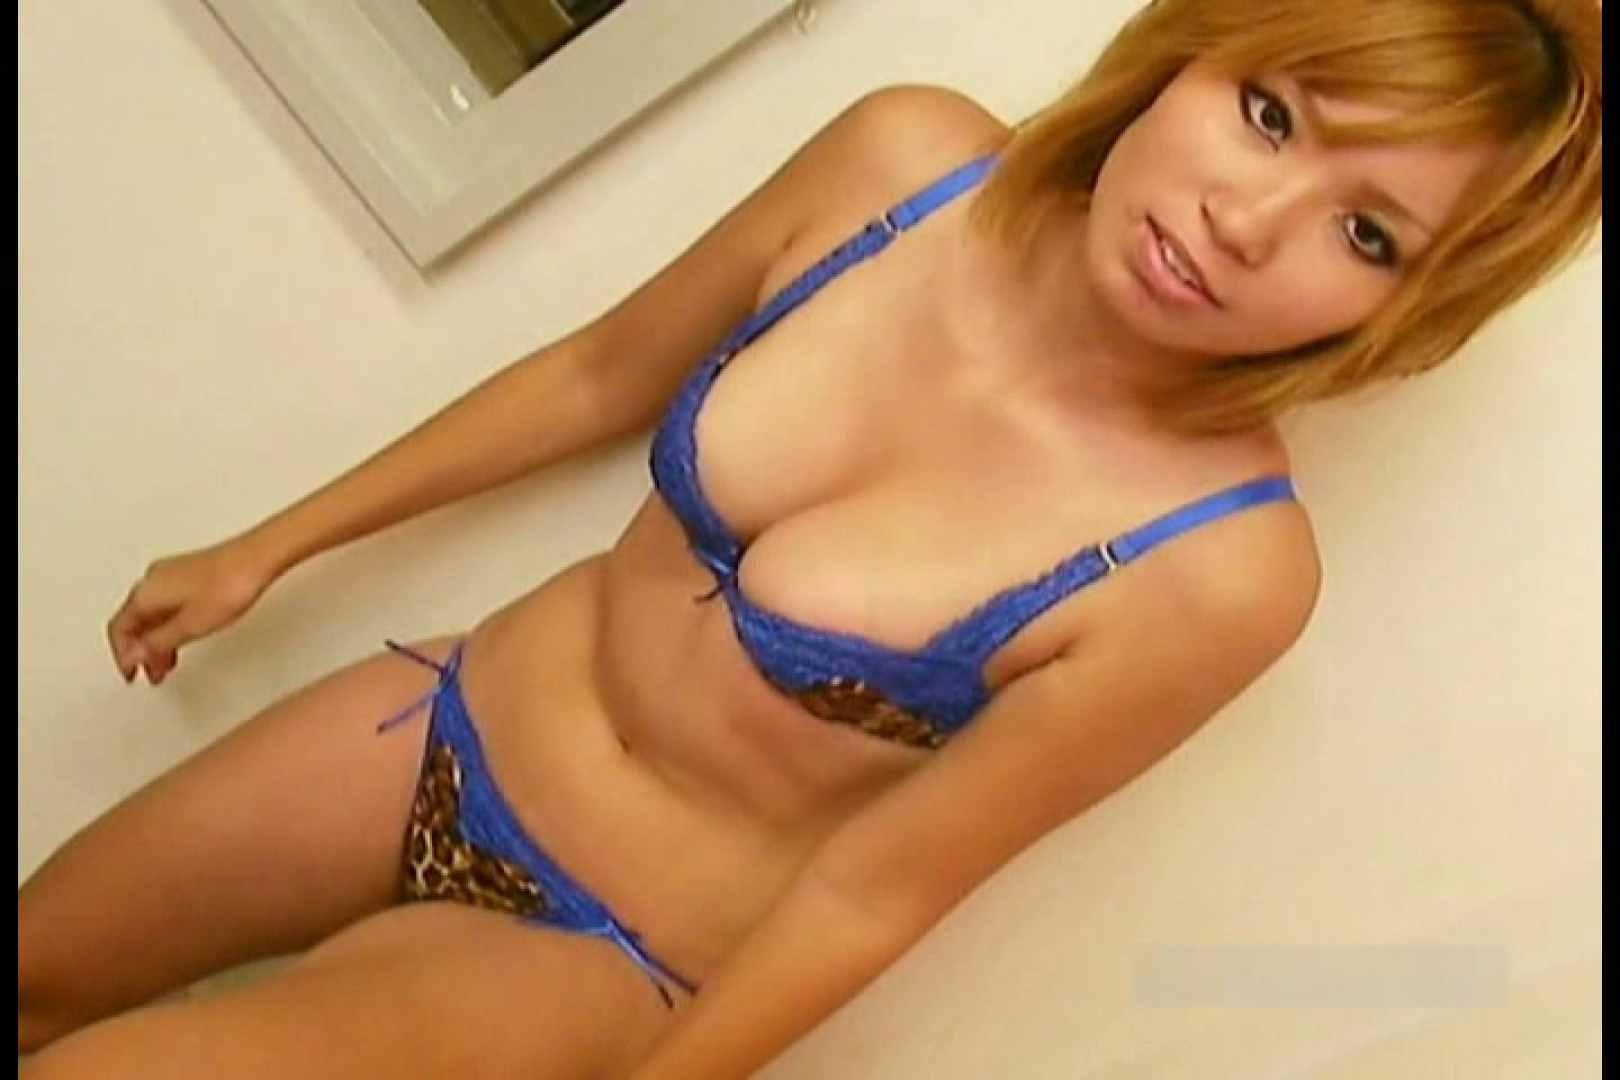 素人撮影 下着だけの撮影のはずが・・・りな18歳 素人ギャル女 おめこ無修正動画無料 92連発 23